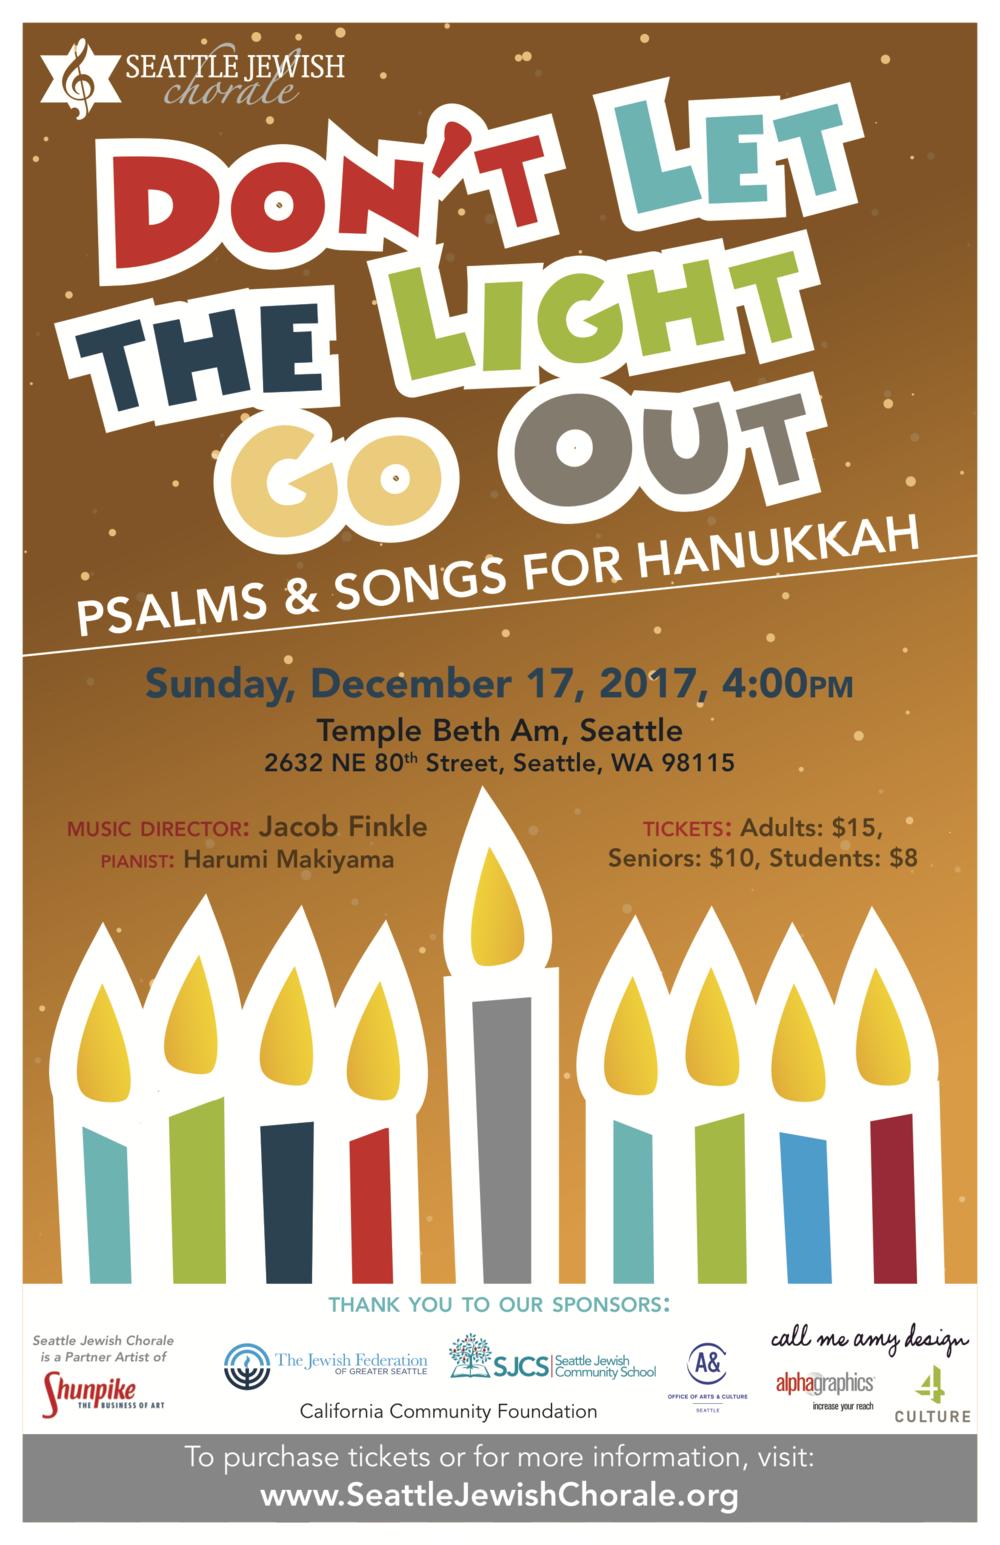 Hanukkah 2017 Poster.png